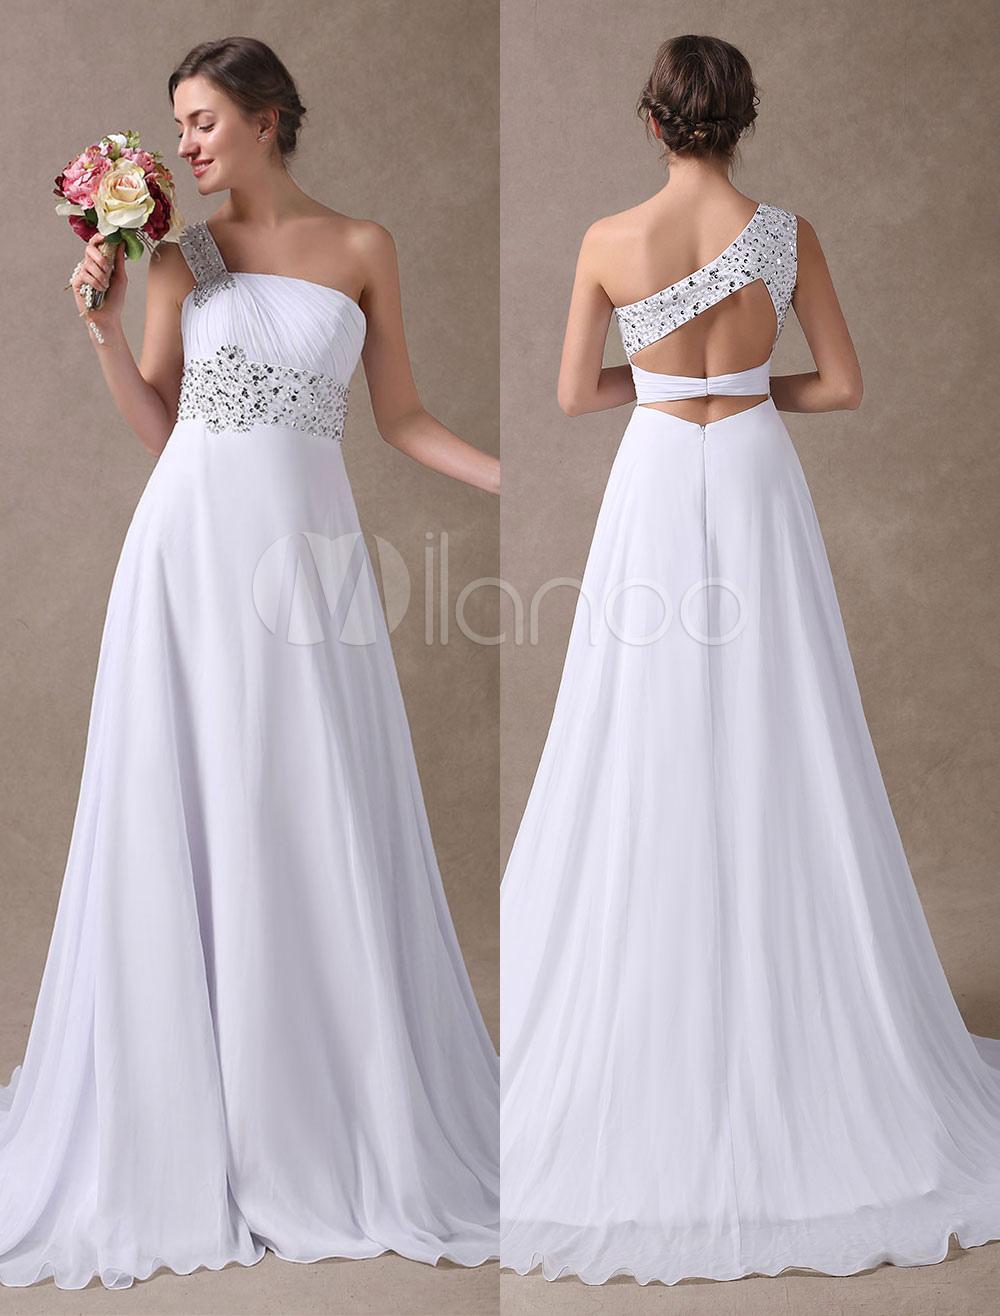 Beautifull White Summer Wedding Dresses